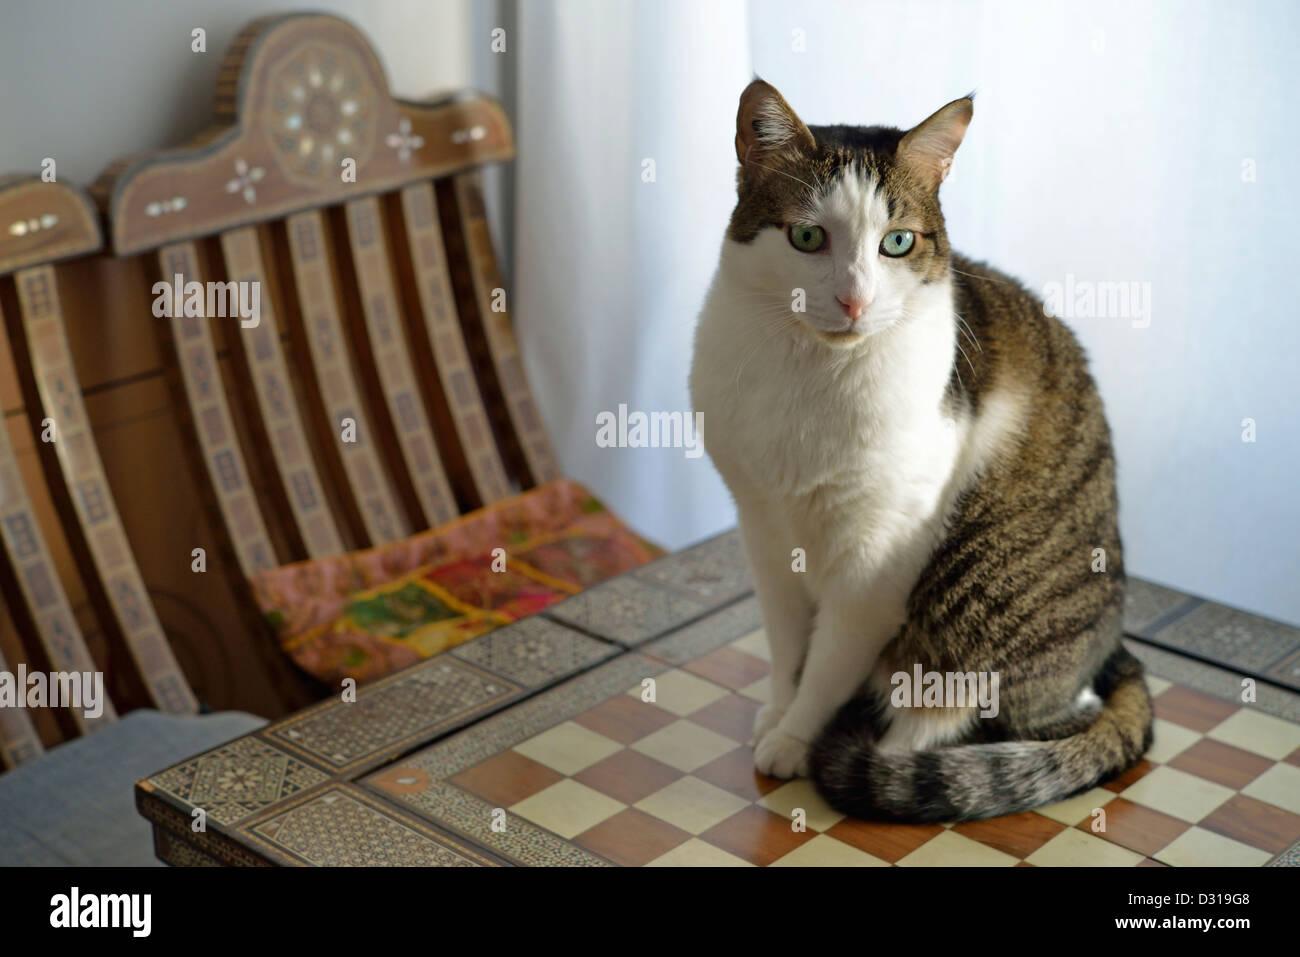 Gatto seduto su una tabella all'interno Immagini Stock